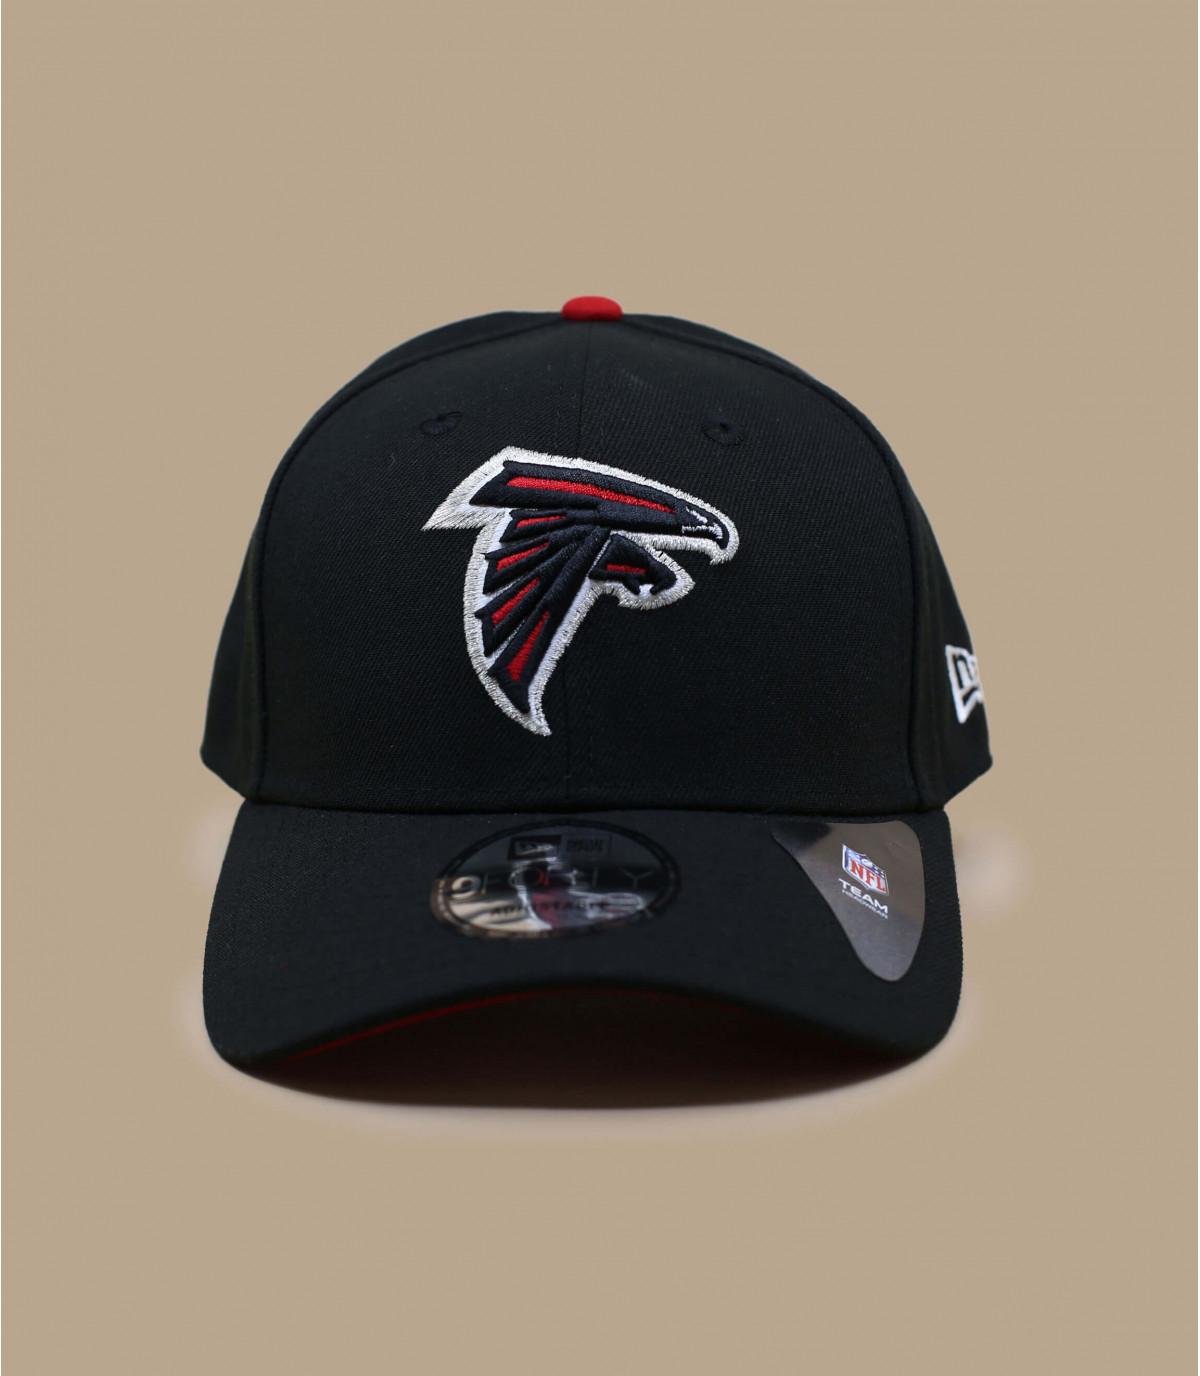 Falcons NFL cap